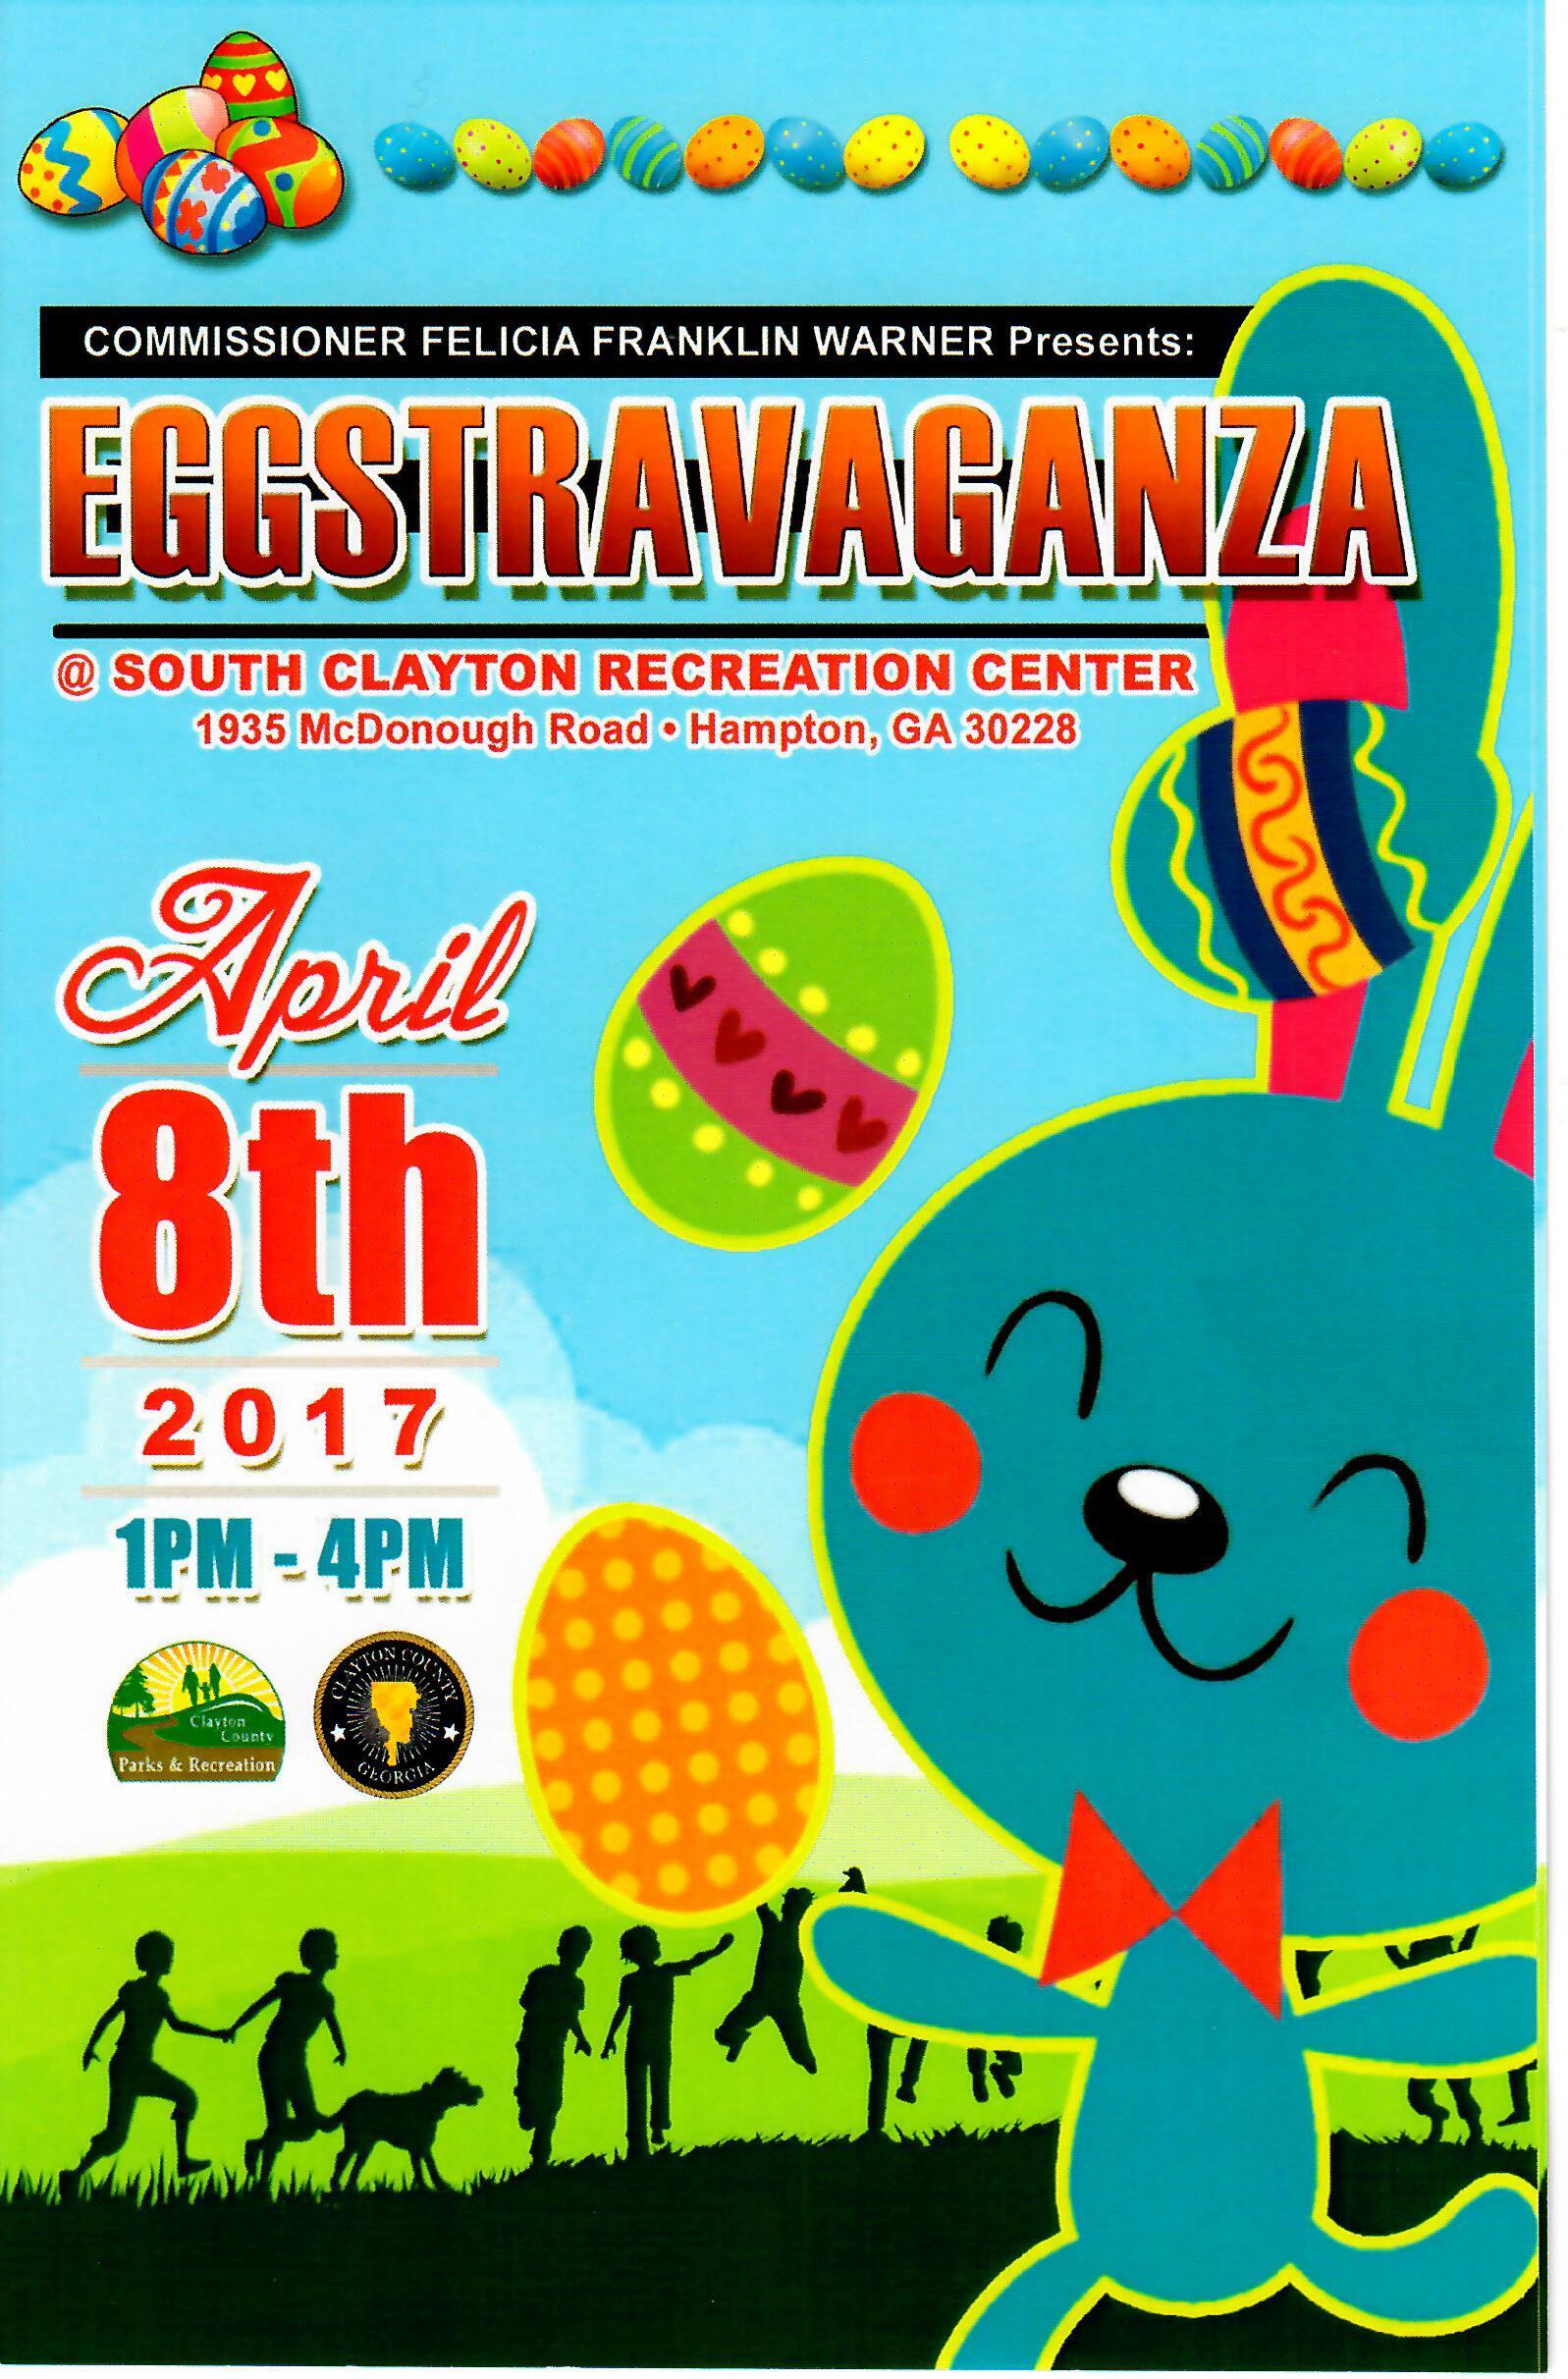 eggstravaganza 001 - Copy